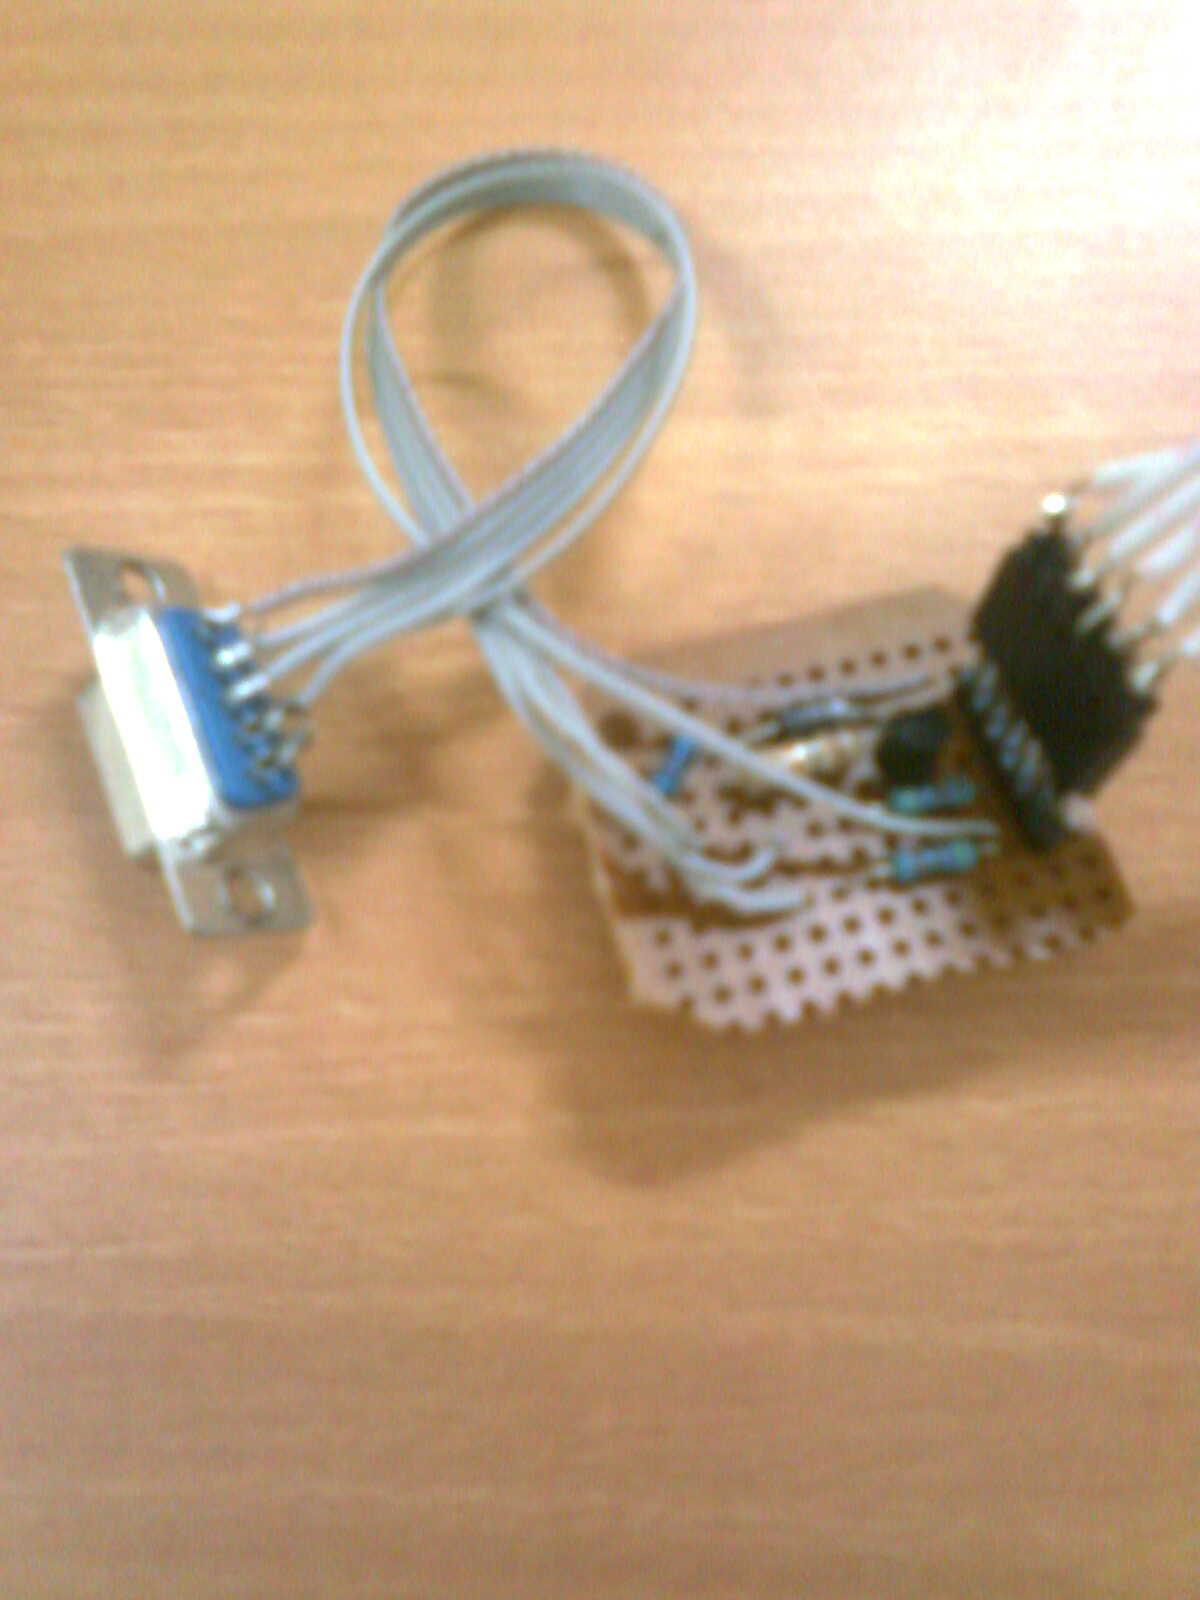 Mochin Ds1307 Adalah Sebuah Icintegrated Circuit Jenis Rtcreal Time Clock Downloader Serial Berfungsi Untuk Menulis Mendownload Program Filehex Dengan Menggunakan Port Pembuatan Sangat Mudah Dan Tool